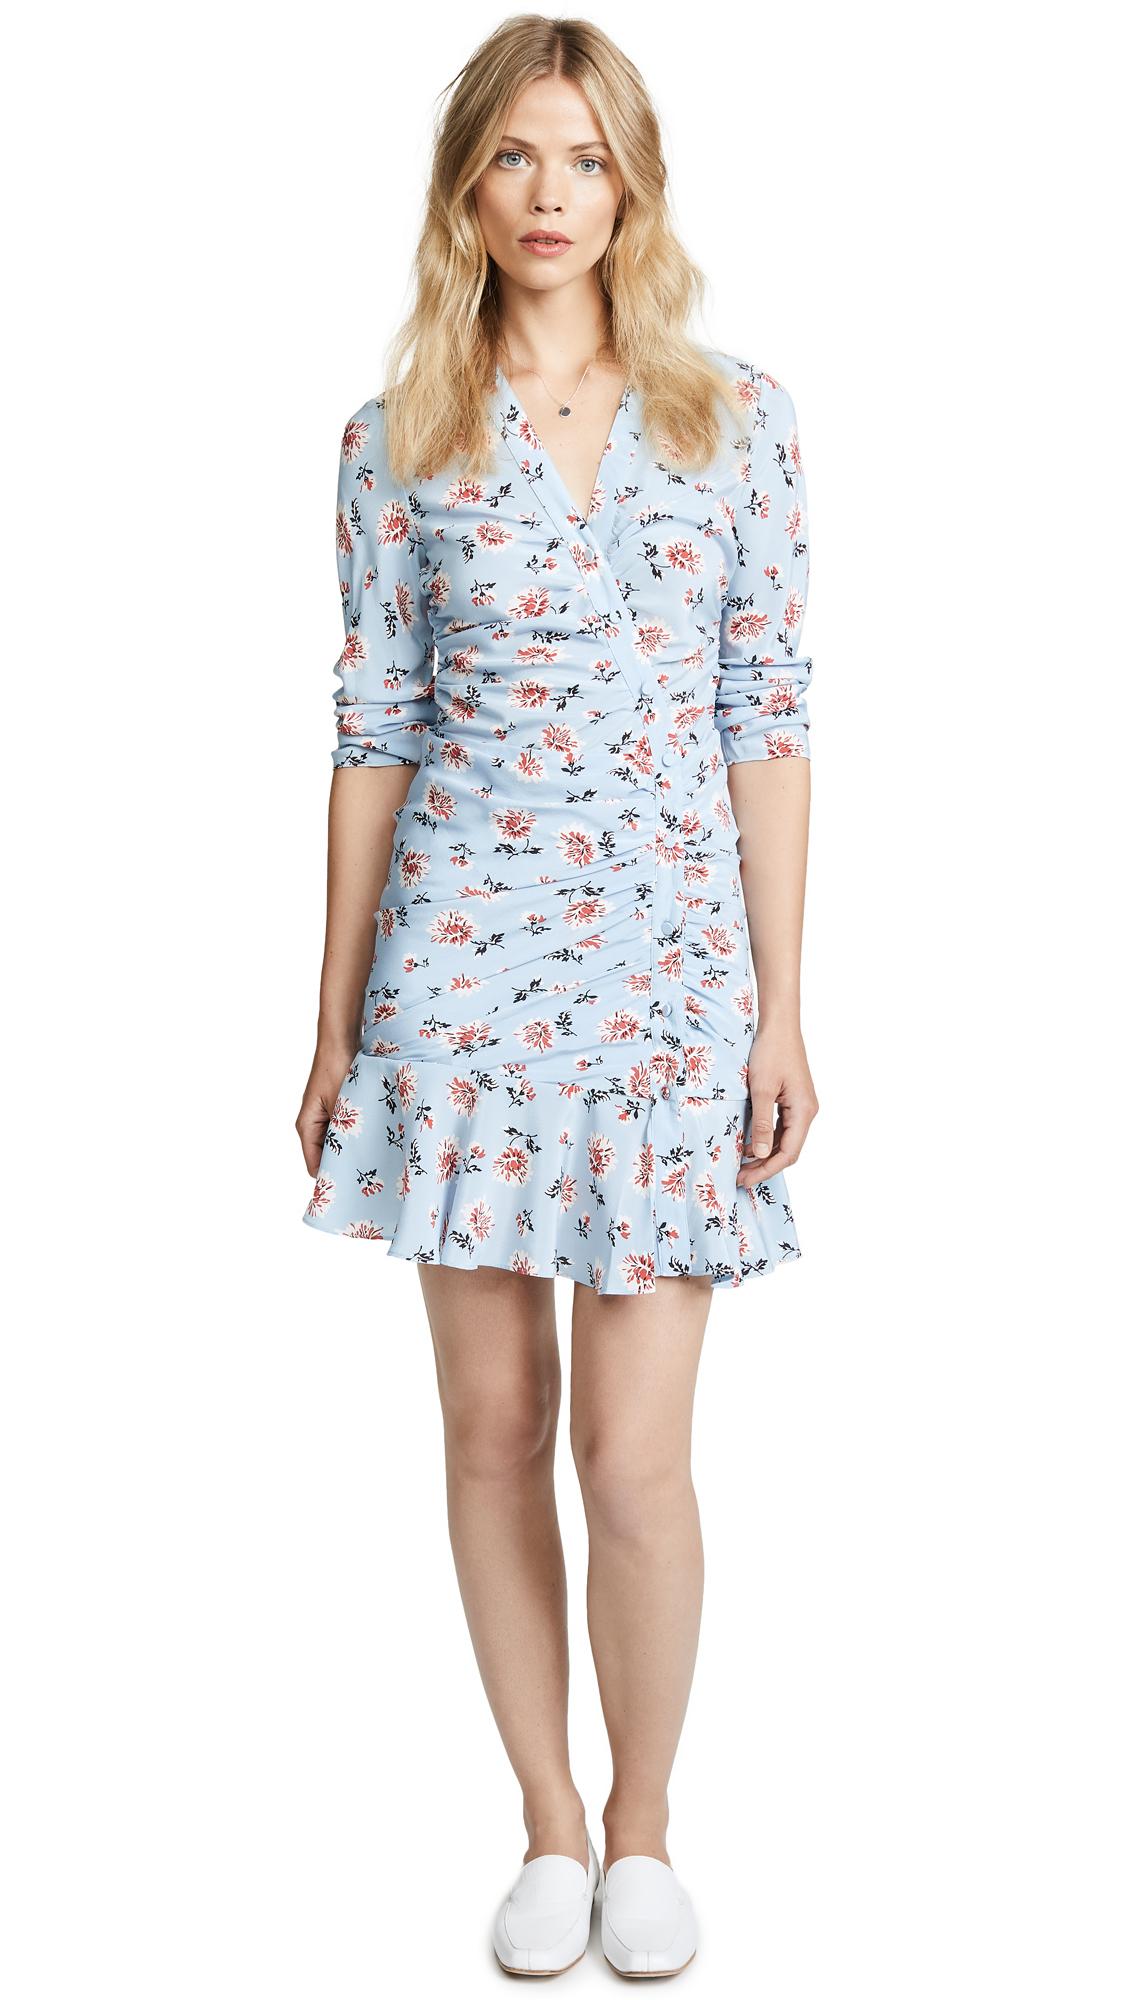 Veronica Beard Rowe Dress In Sky Blue Multi